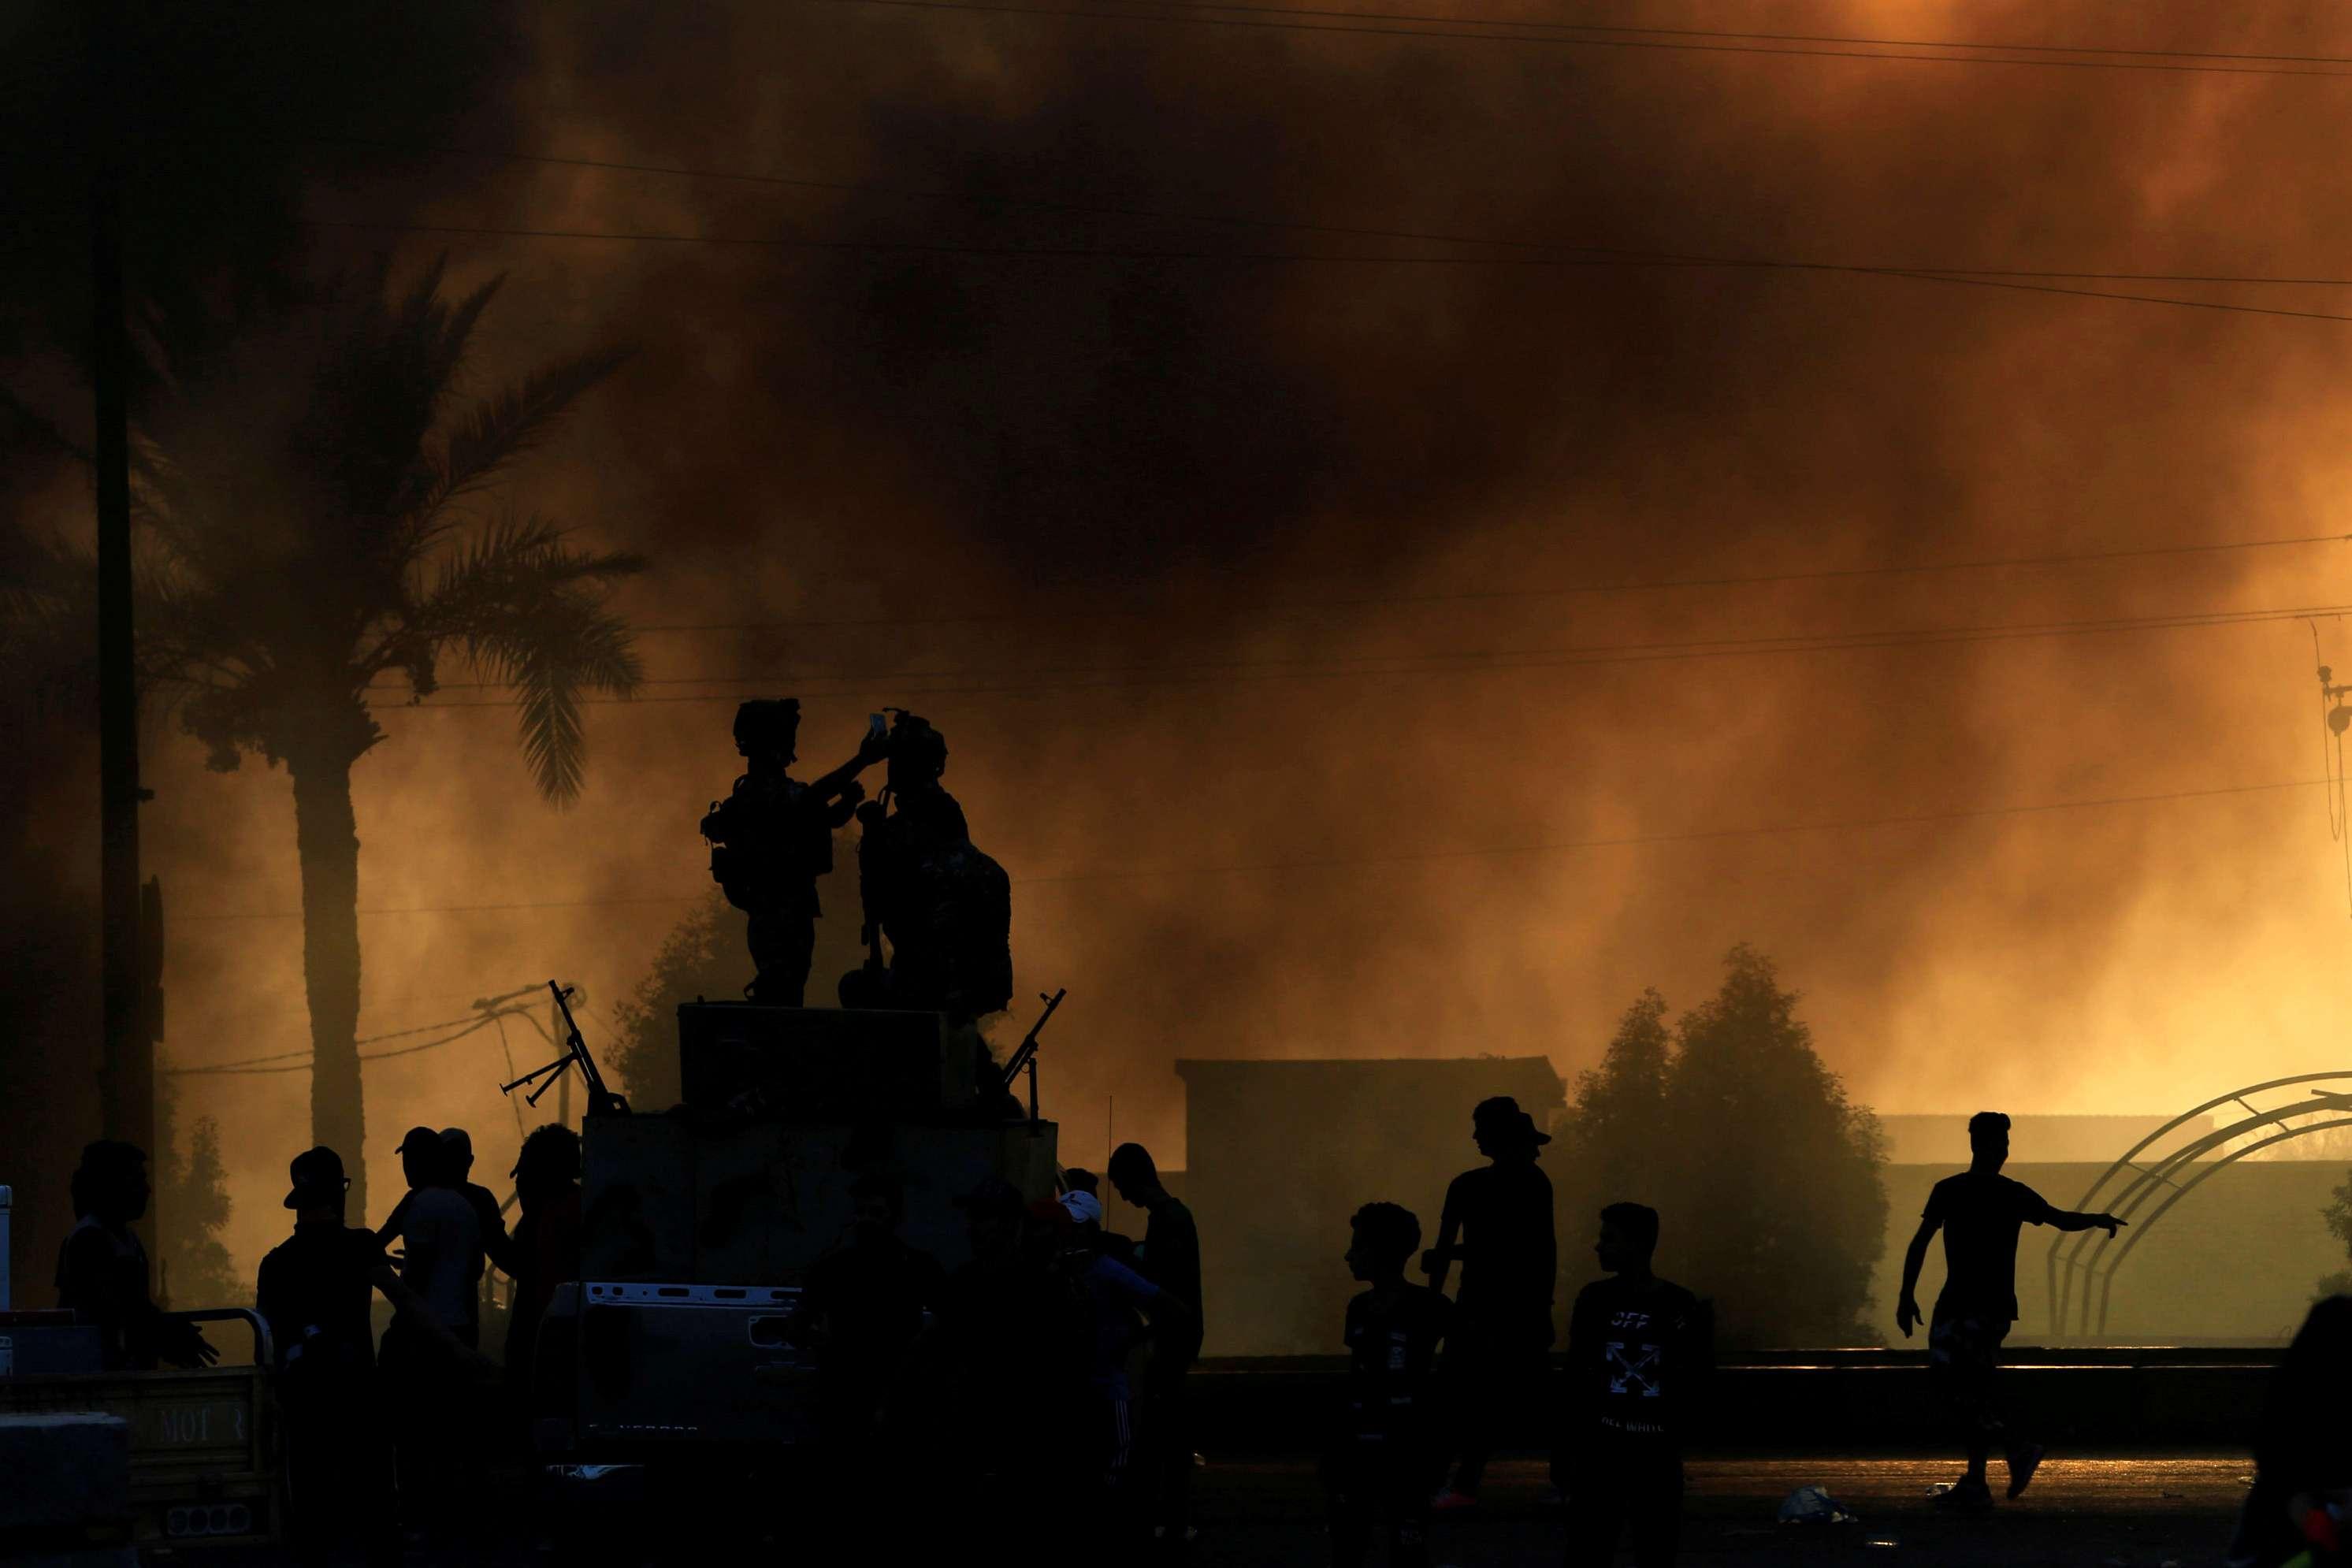 20191002175619reup--2019-10-02t175430z_1610507653_rc1ffe91f460_rtrmadp_3_iraq-protests.h